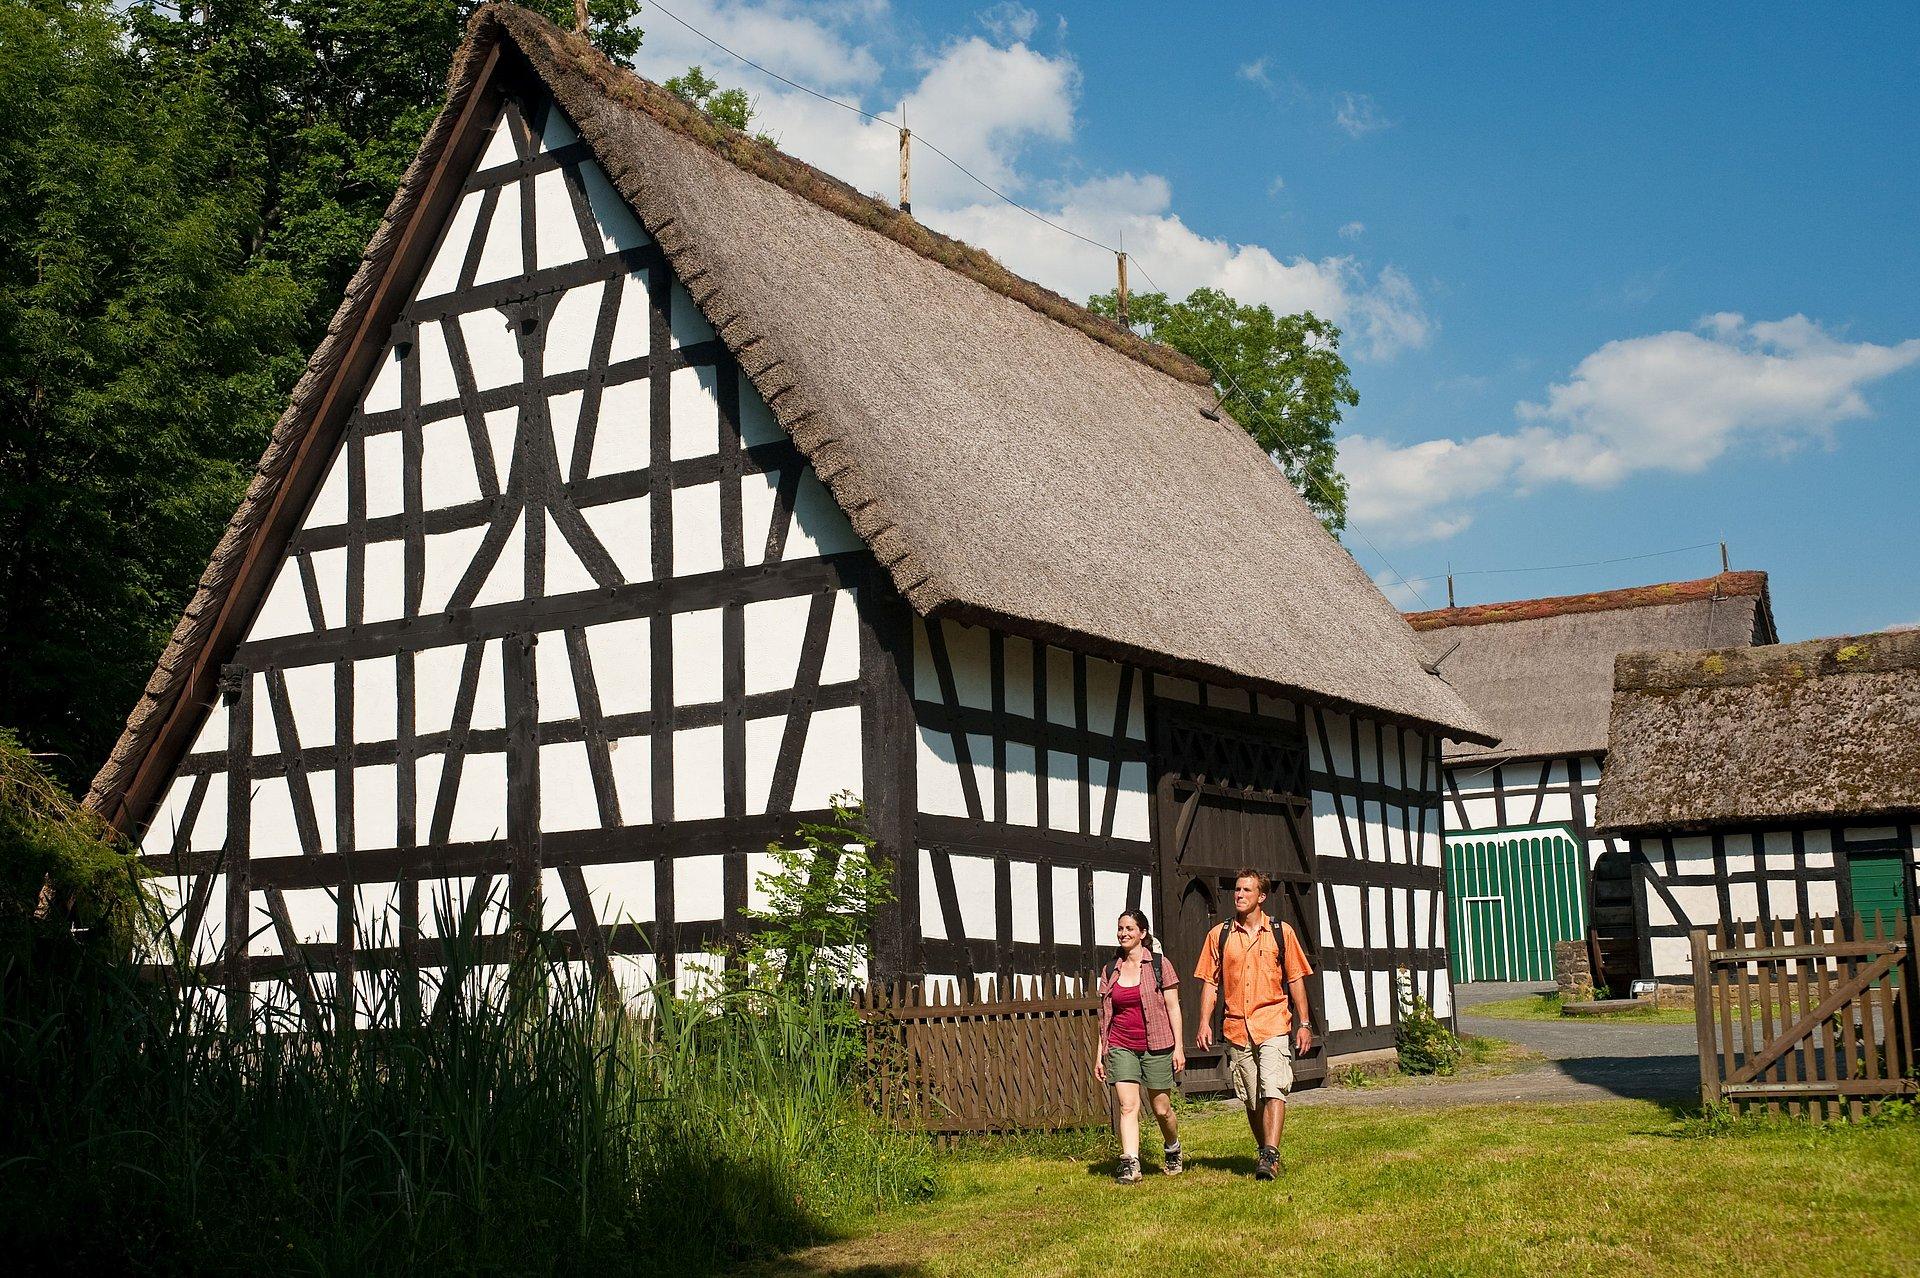 Besuch beim Landschaftsmuseum Westerwald Hachenburg, Westerwald